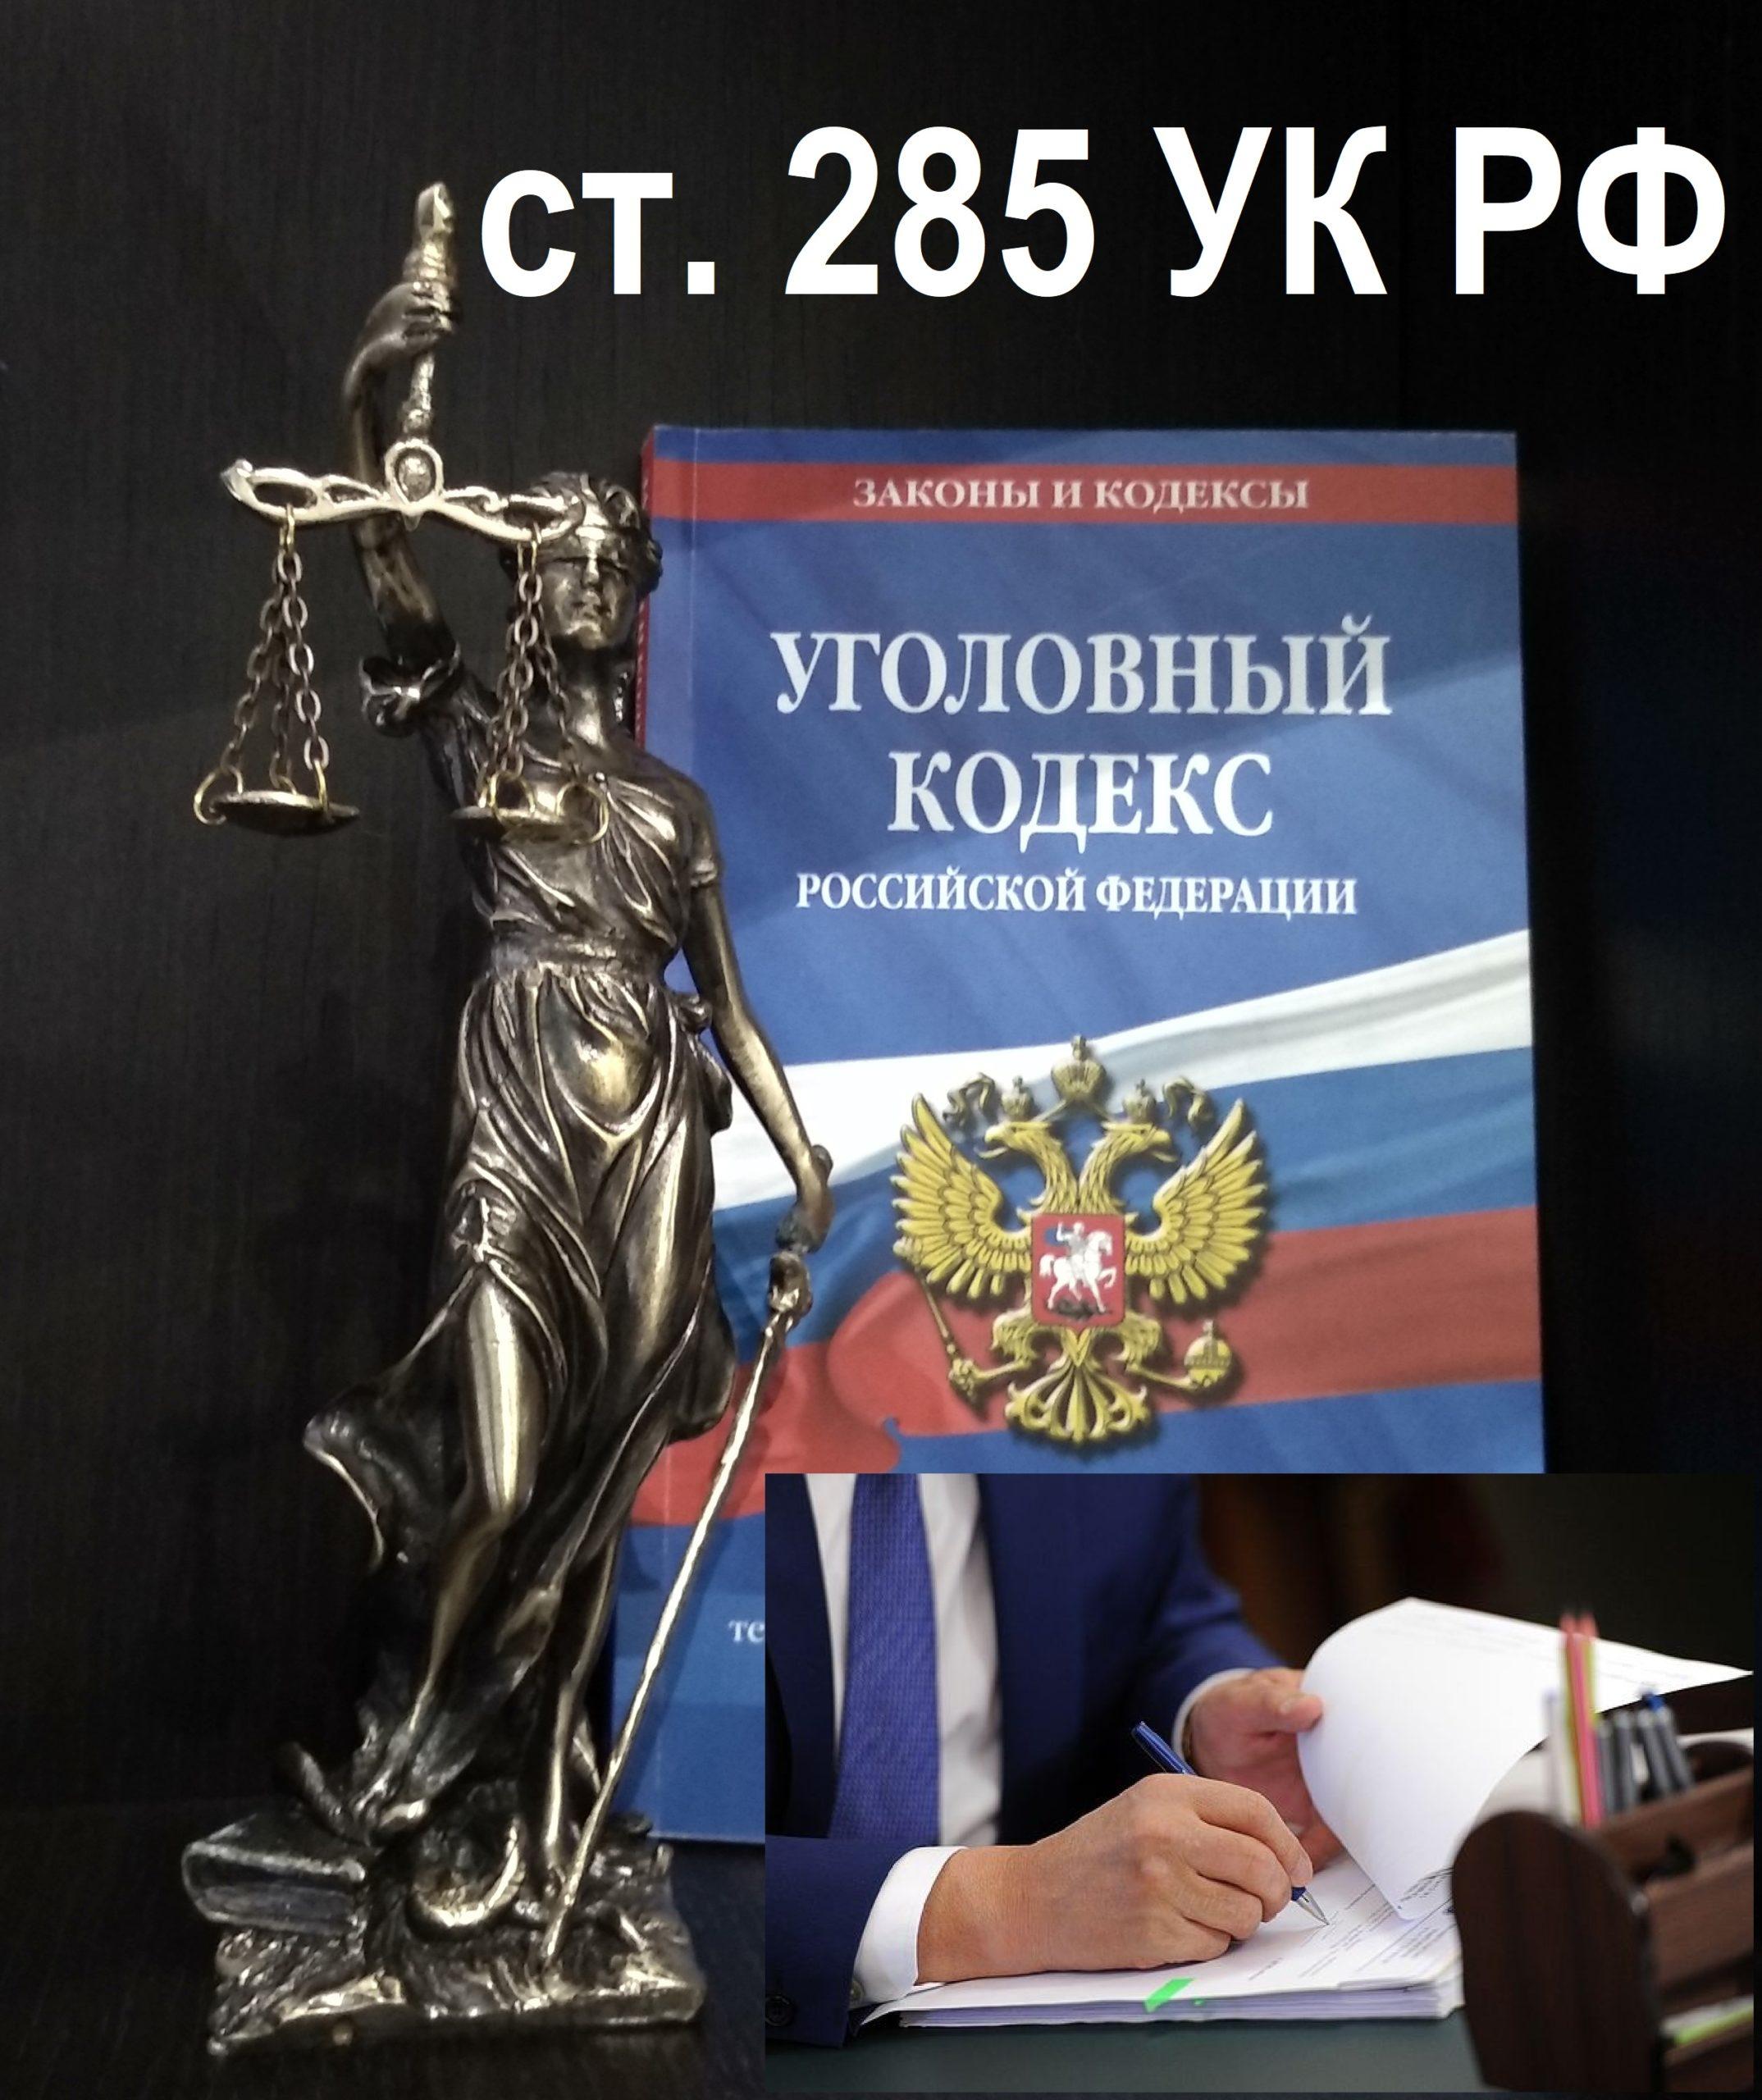 Адвокат по ст. 285 УК РФ Злоупотребление должностными полномочиями